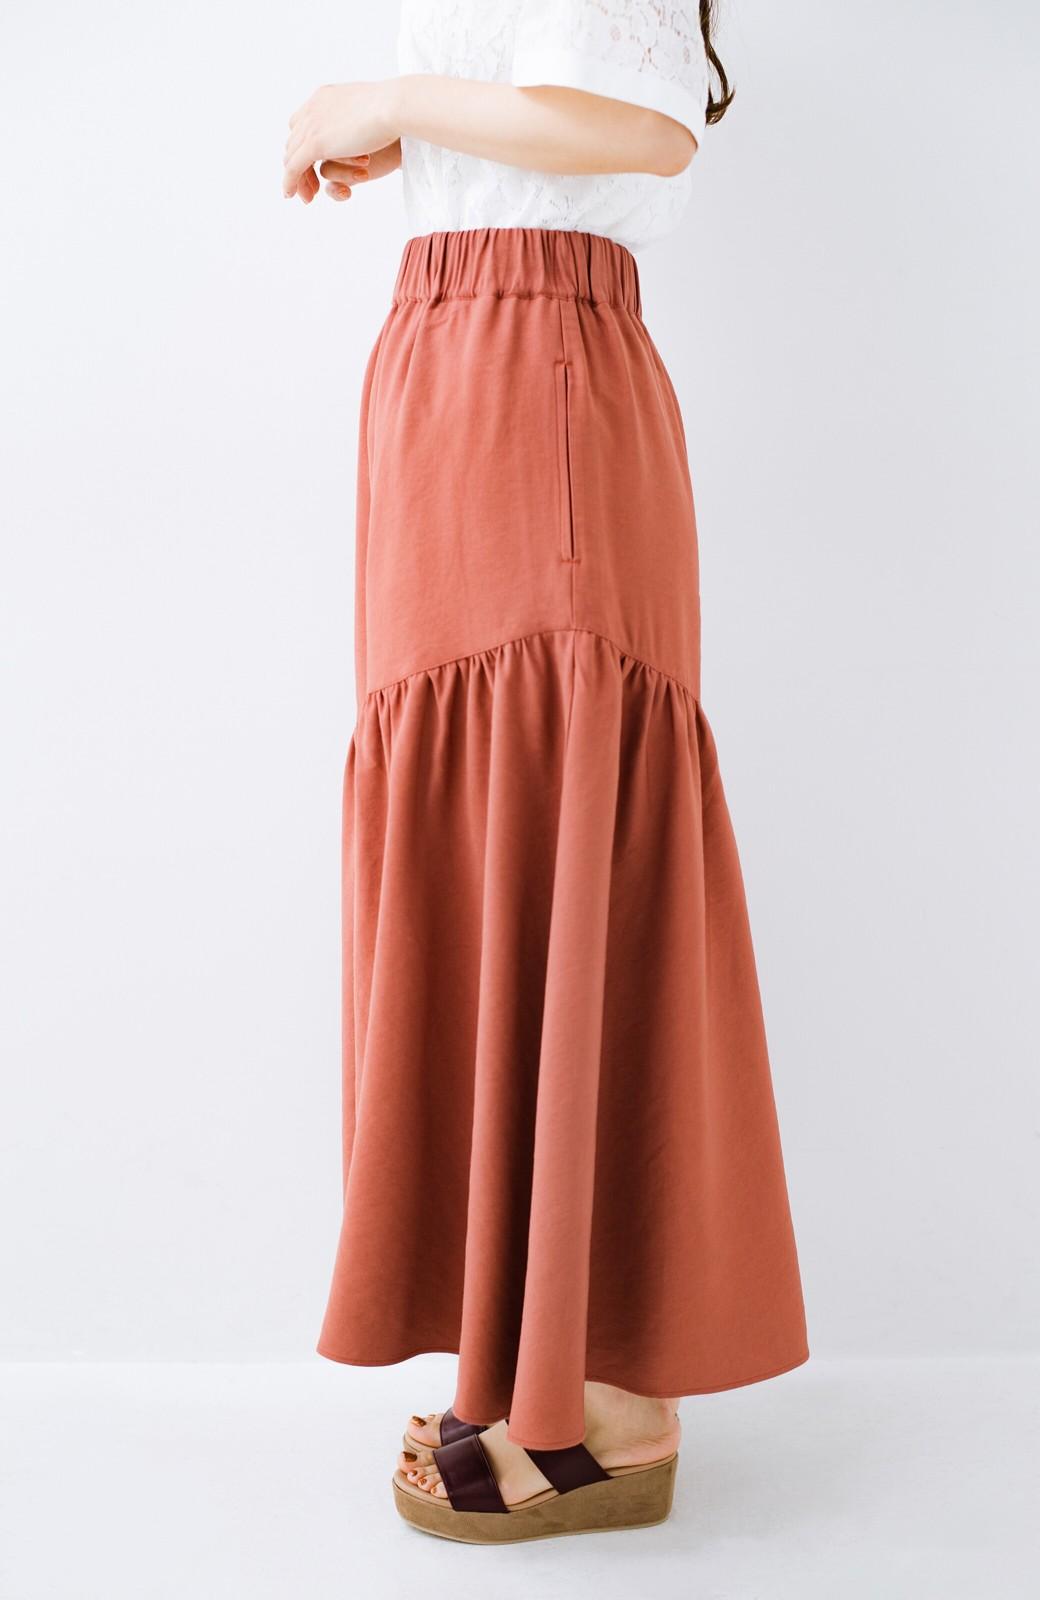 haco! ふんわりシルエットが華やかな大人ギャザースカート <スモークピンク>の商品写真8